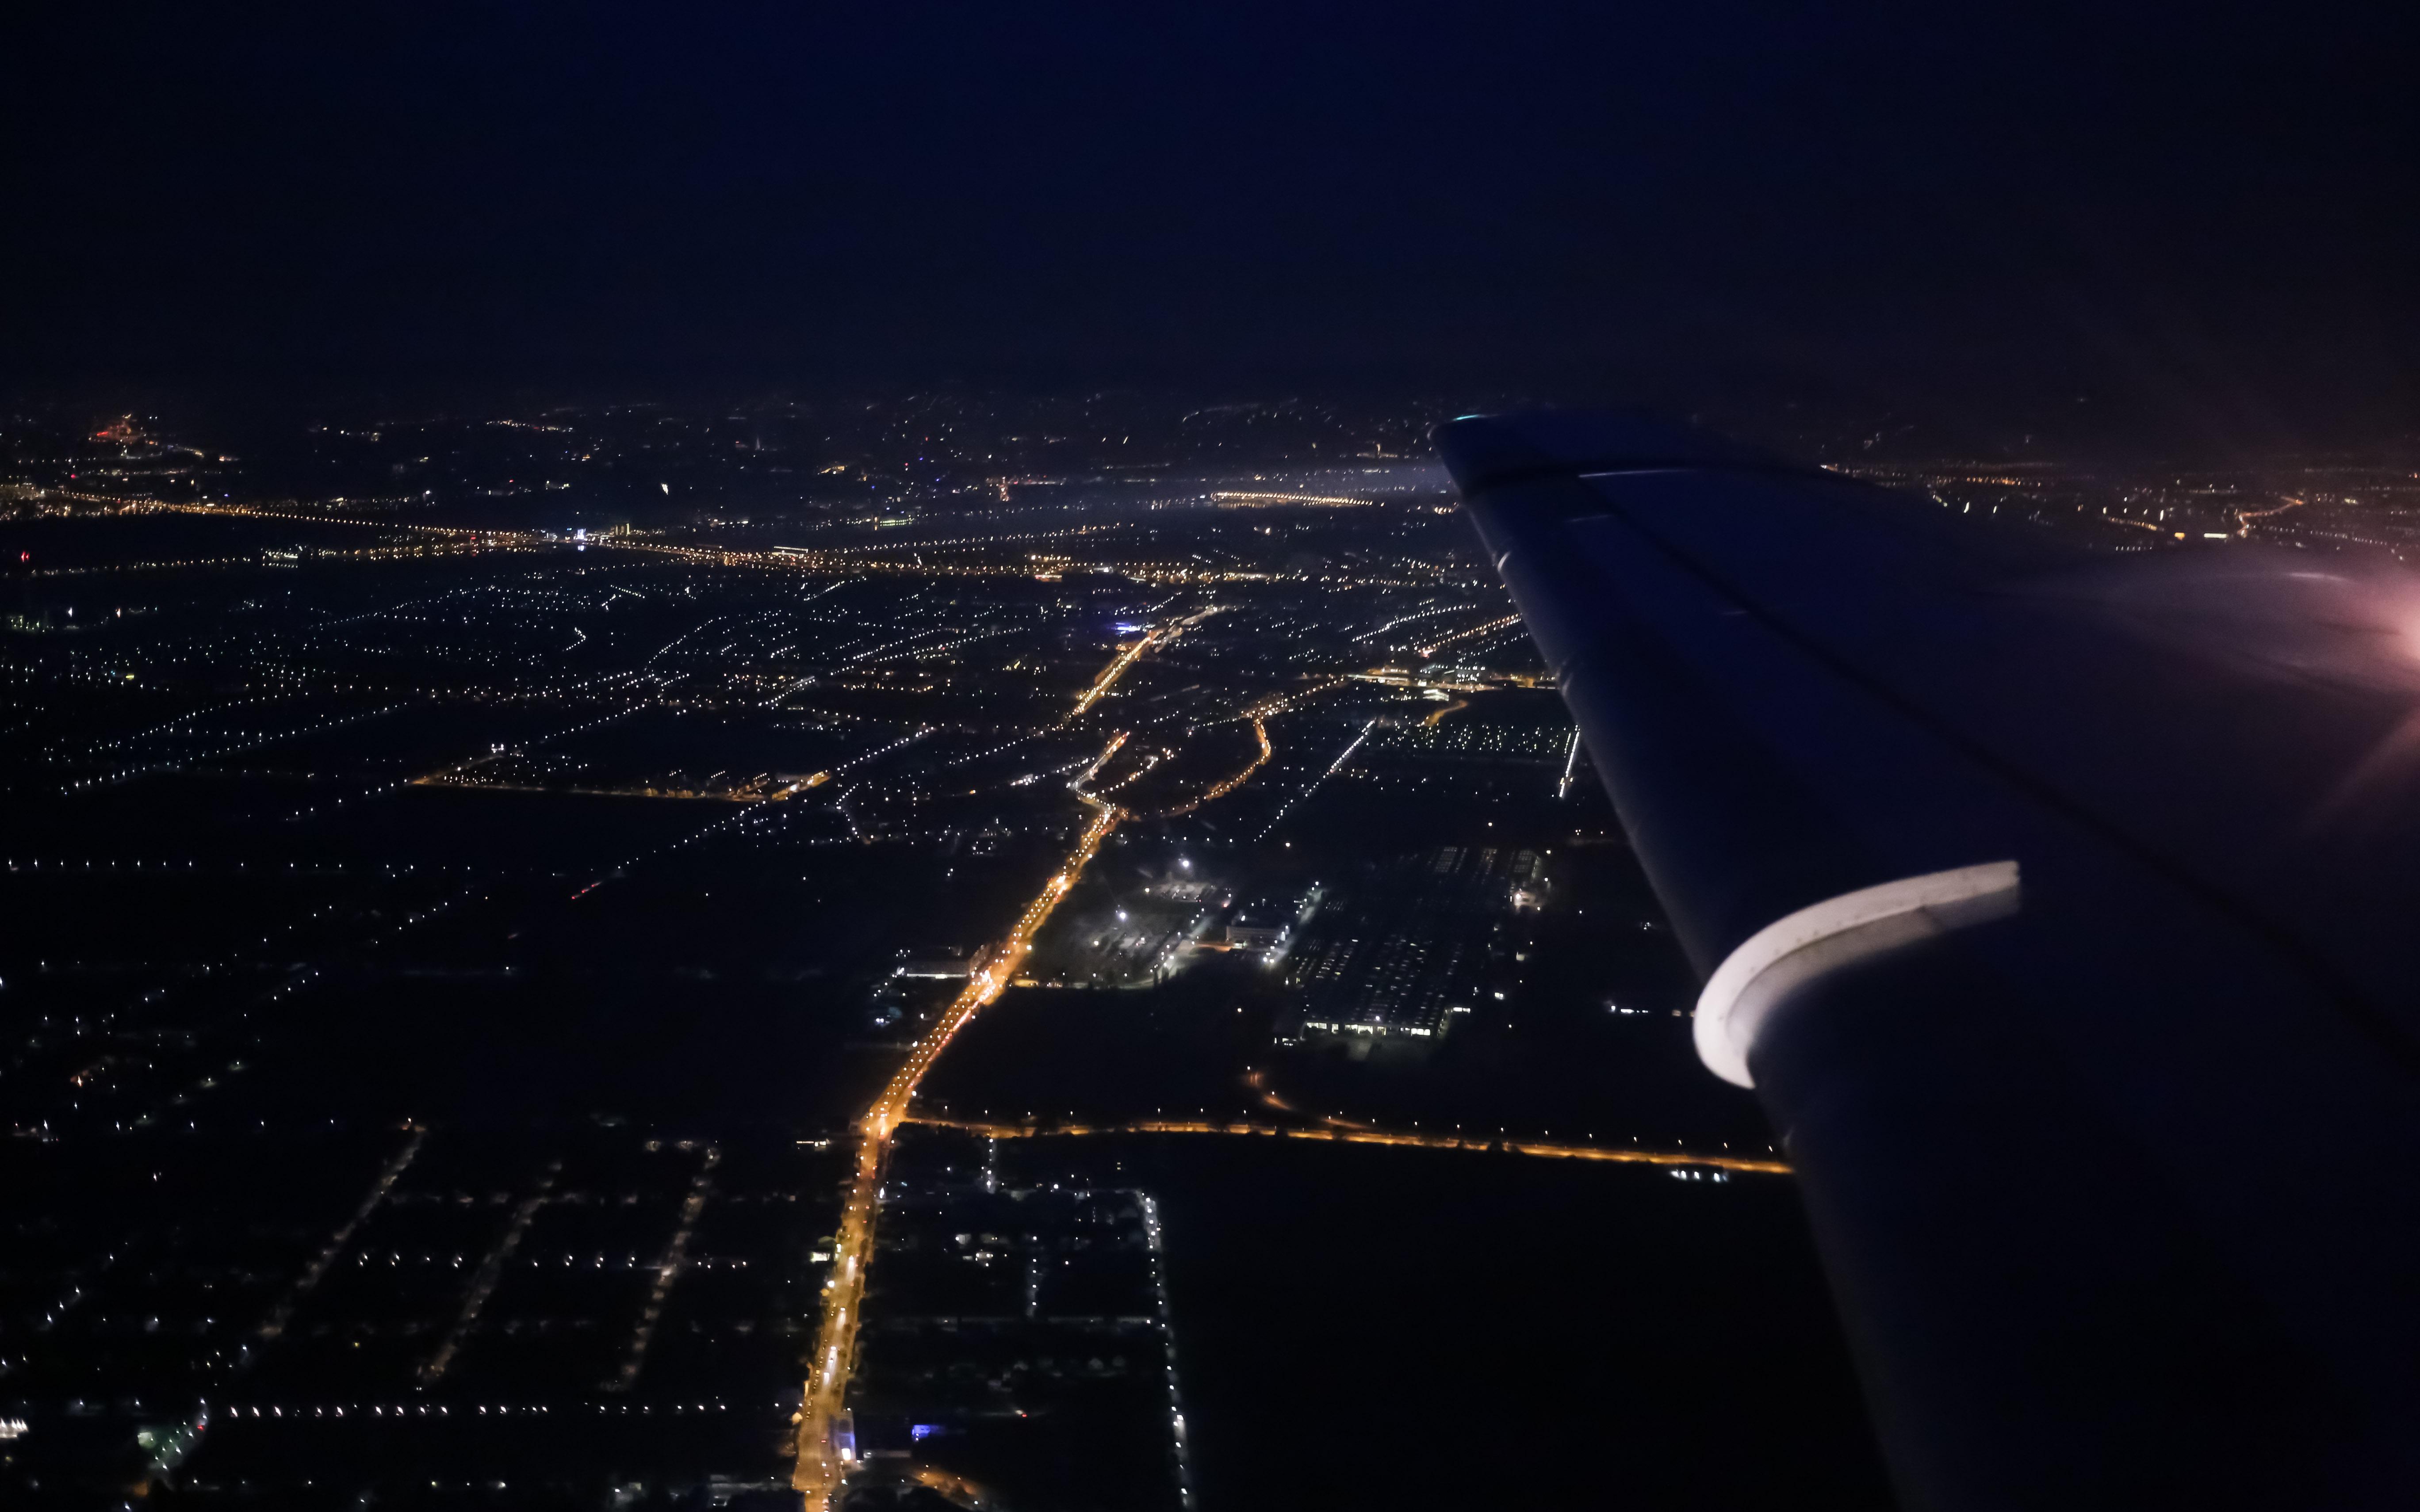 фото ночного города из самолета глазах